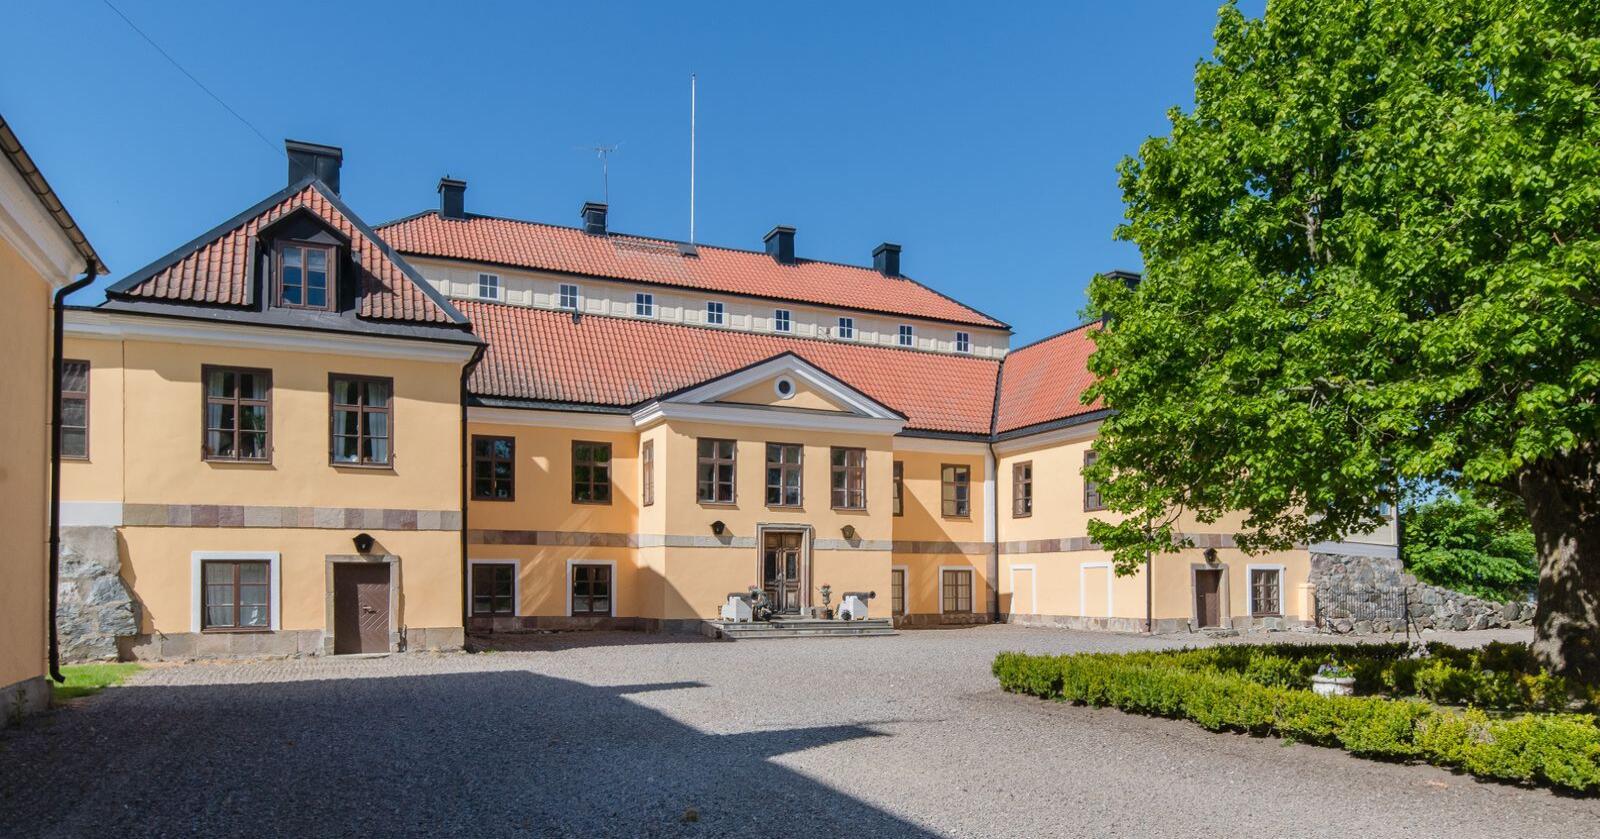 Gimmersta säteri ble nylig solgt til medgründer og viseadministrerende direktør i spillselskapet Embrace. Foto: Karl Danielsson Egendomar